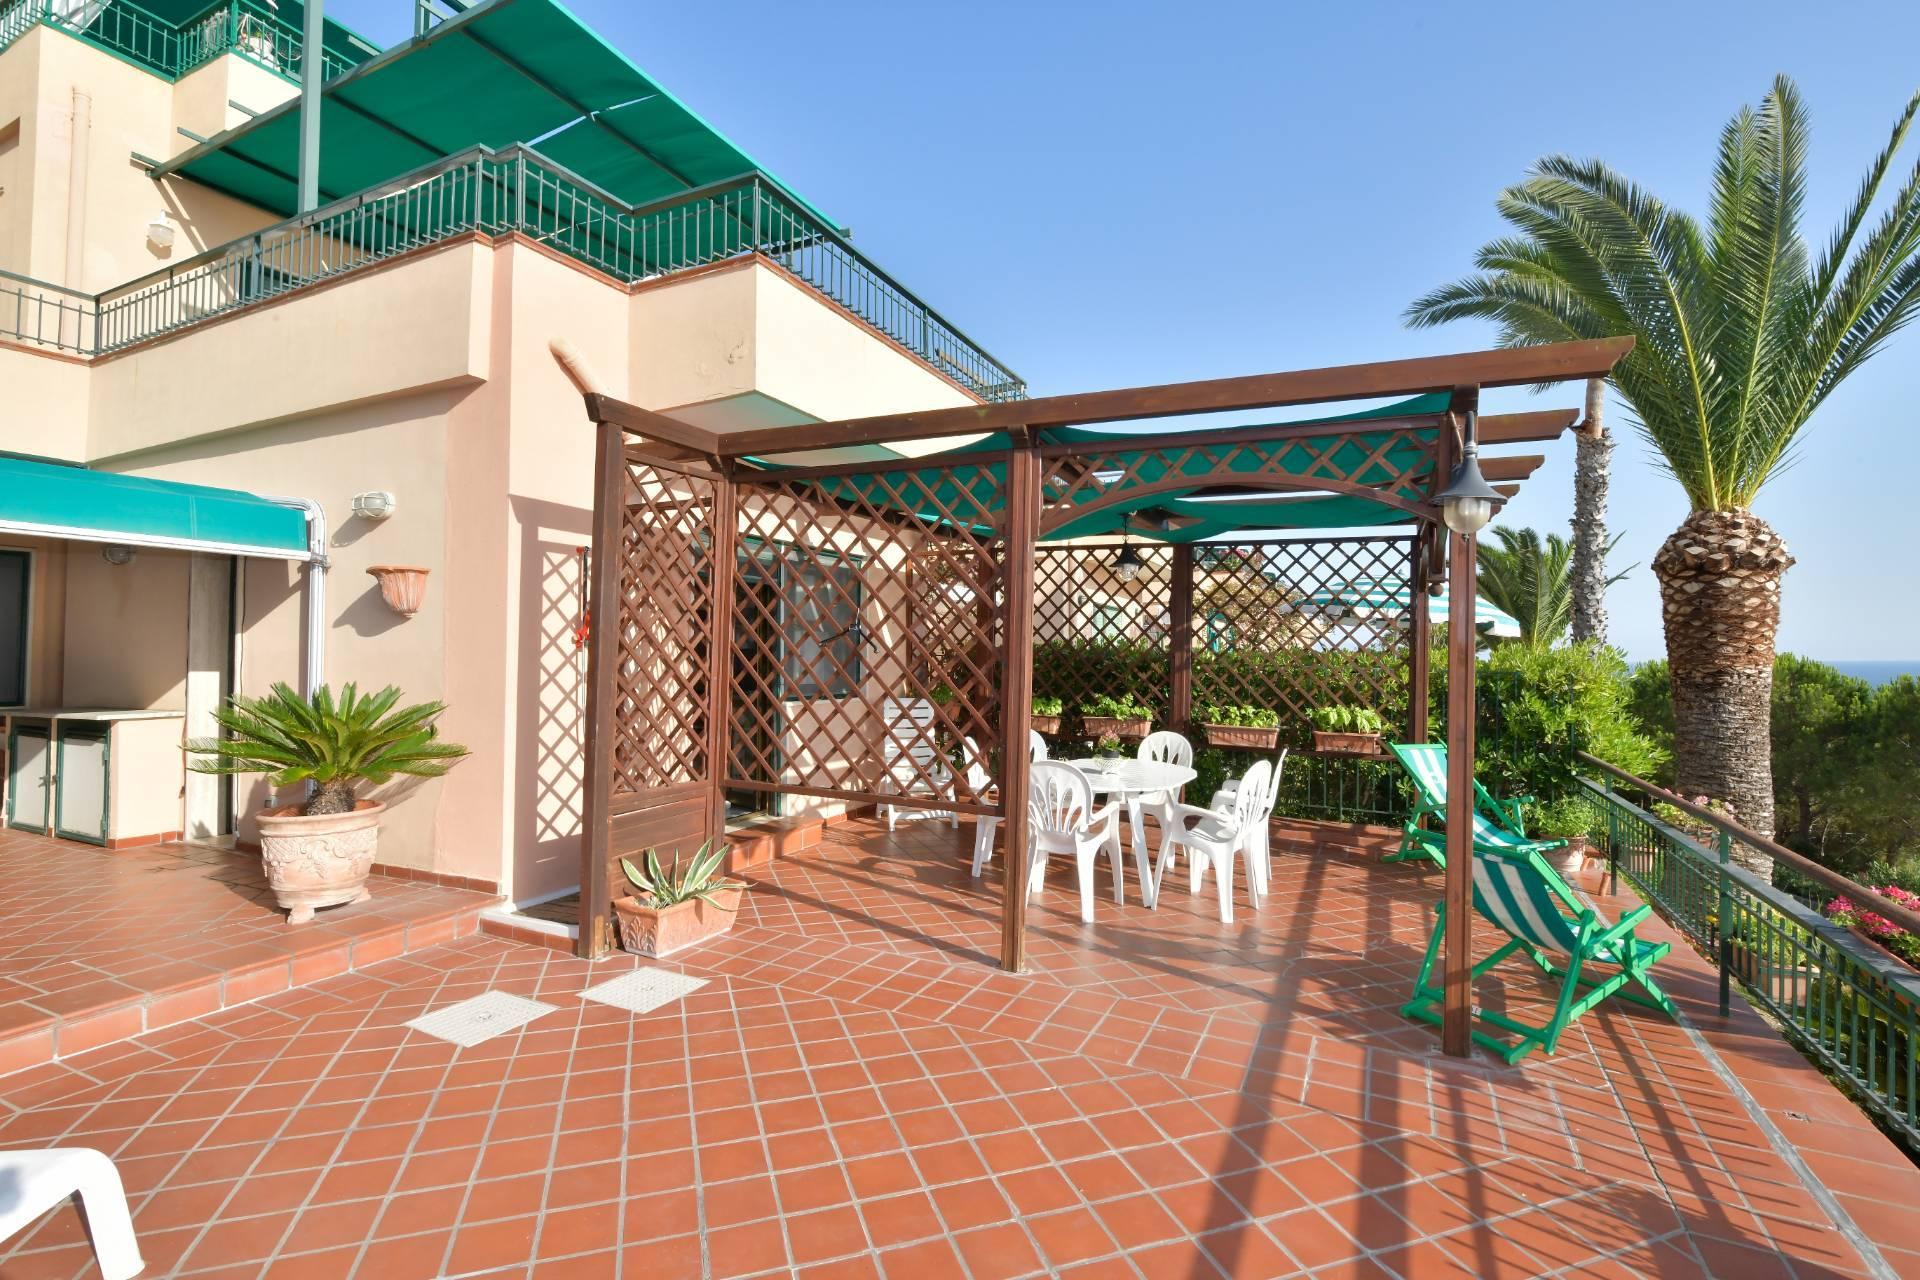 Appartamento in vendita a Pollica, 3 locali, zona Zona: Acciaroli, prezzo € 225.000 | CambioCasa.it